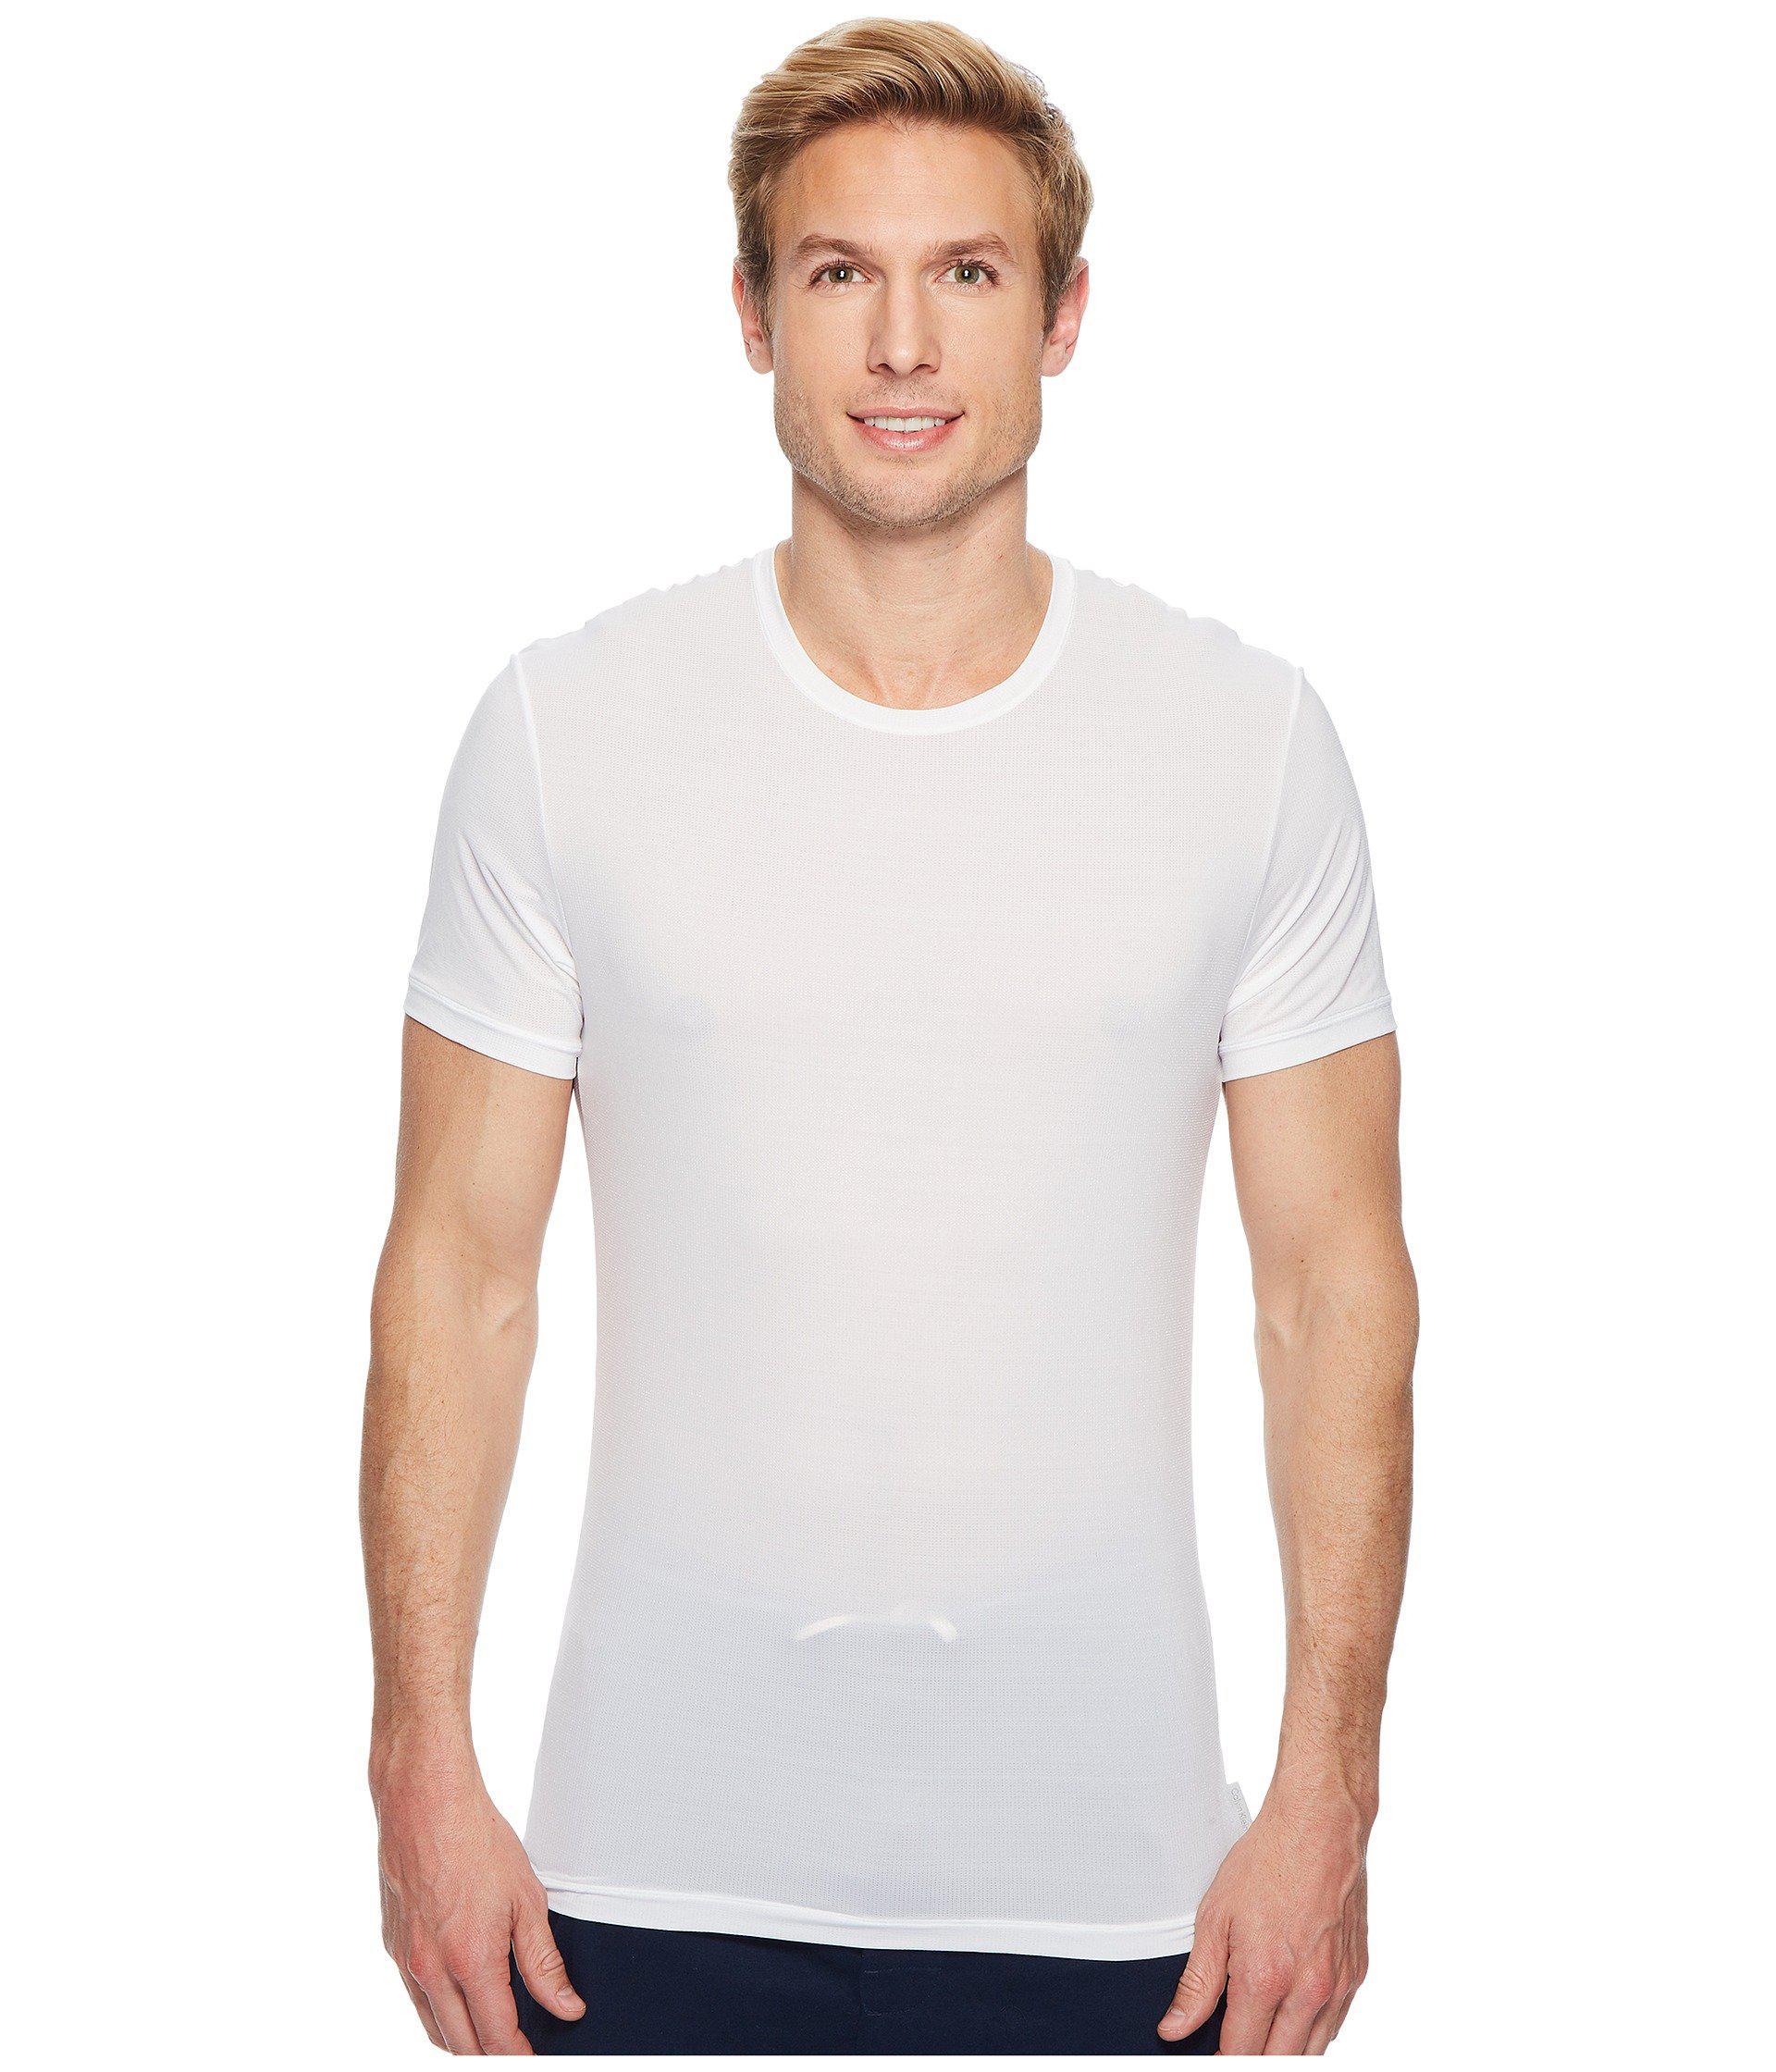 298be4fbfbad Calvin Klein Light Short Sleeve Crew Neck Tee in White for Men - Lyst